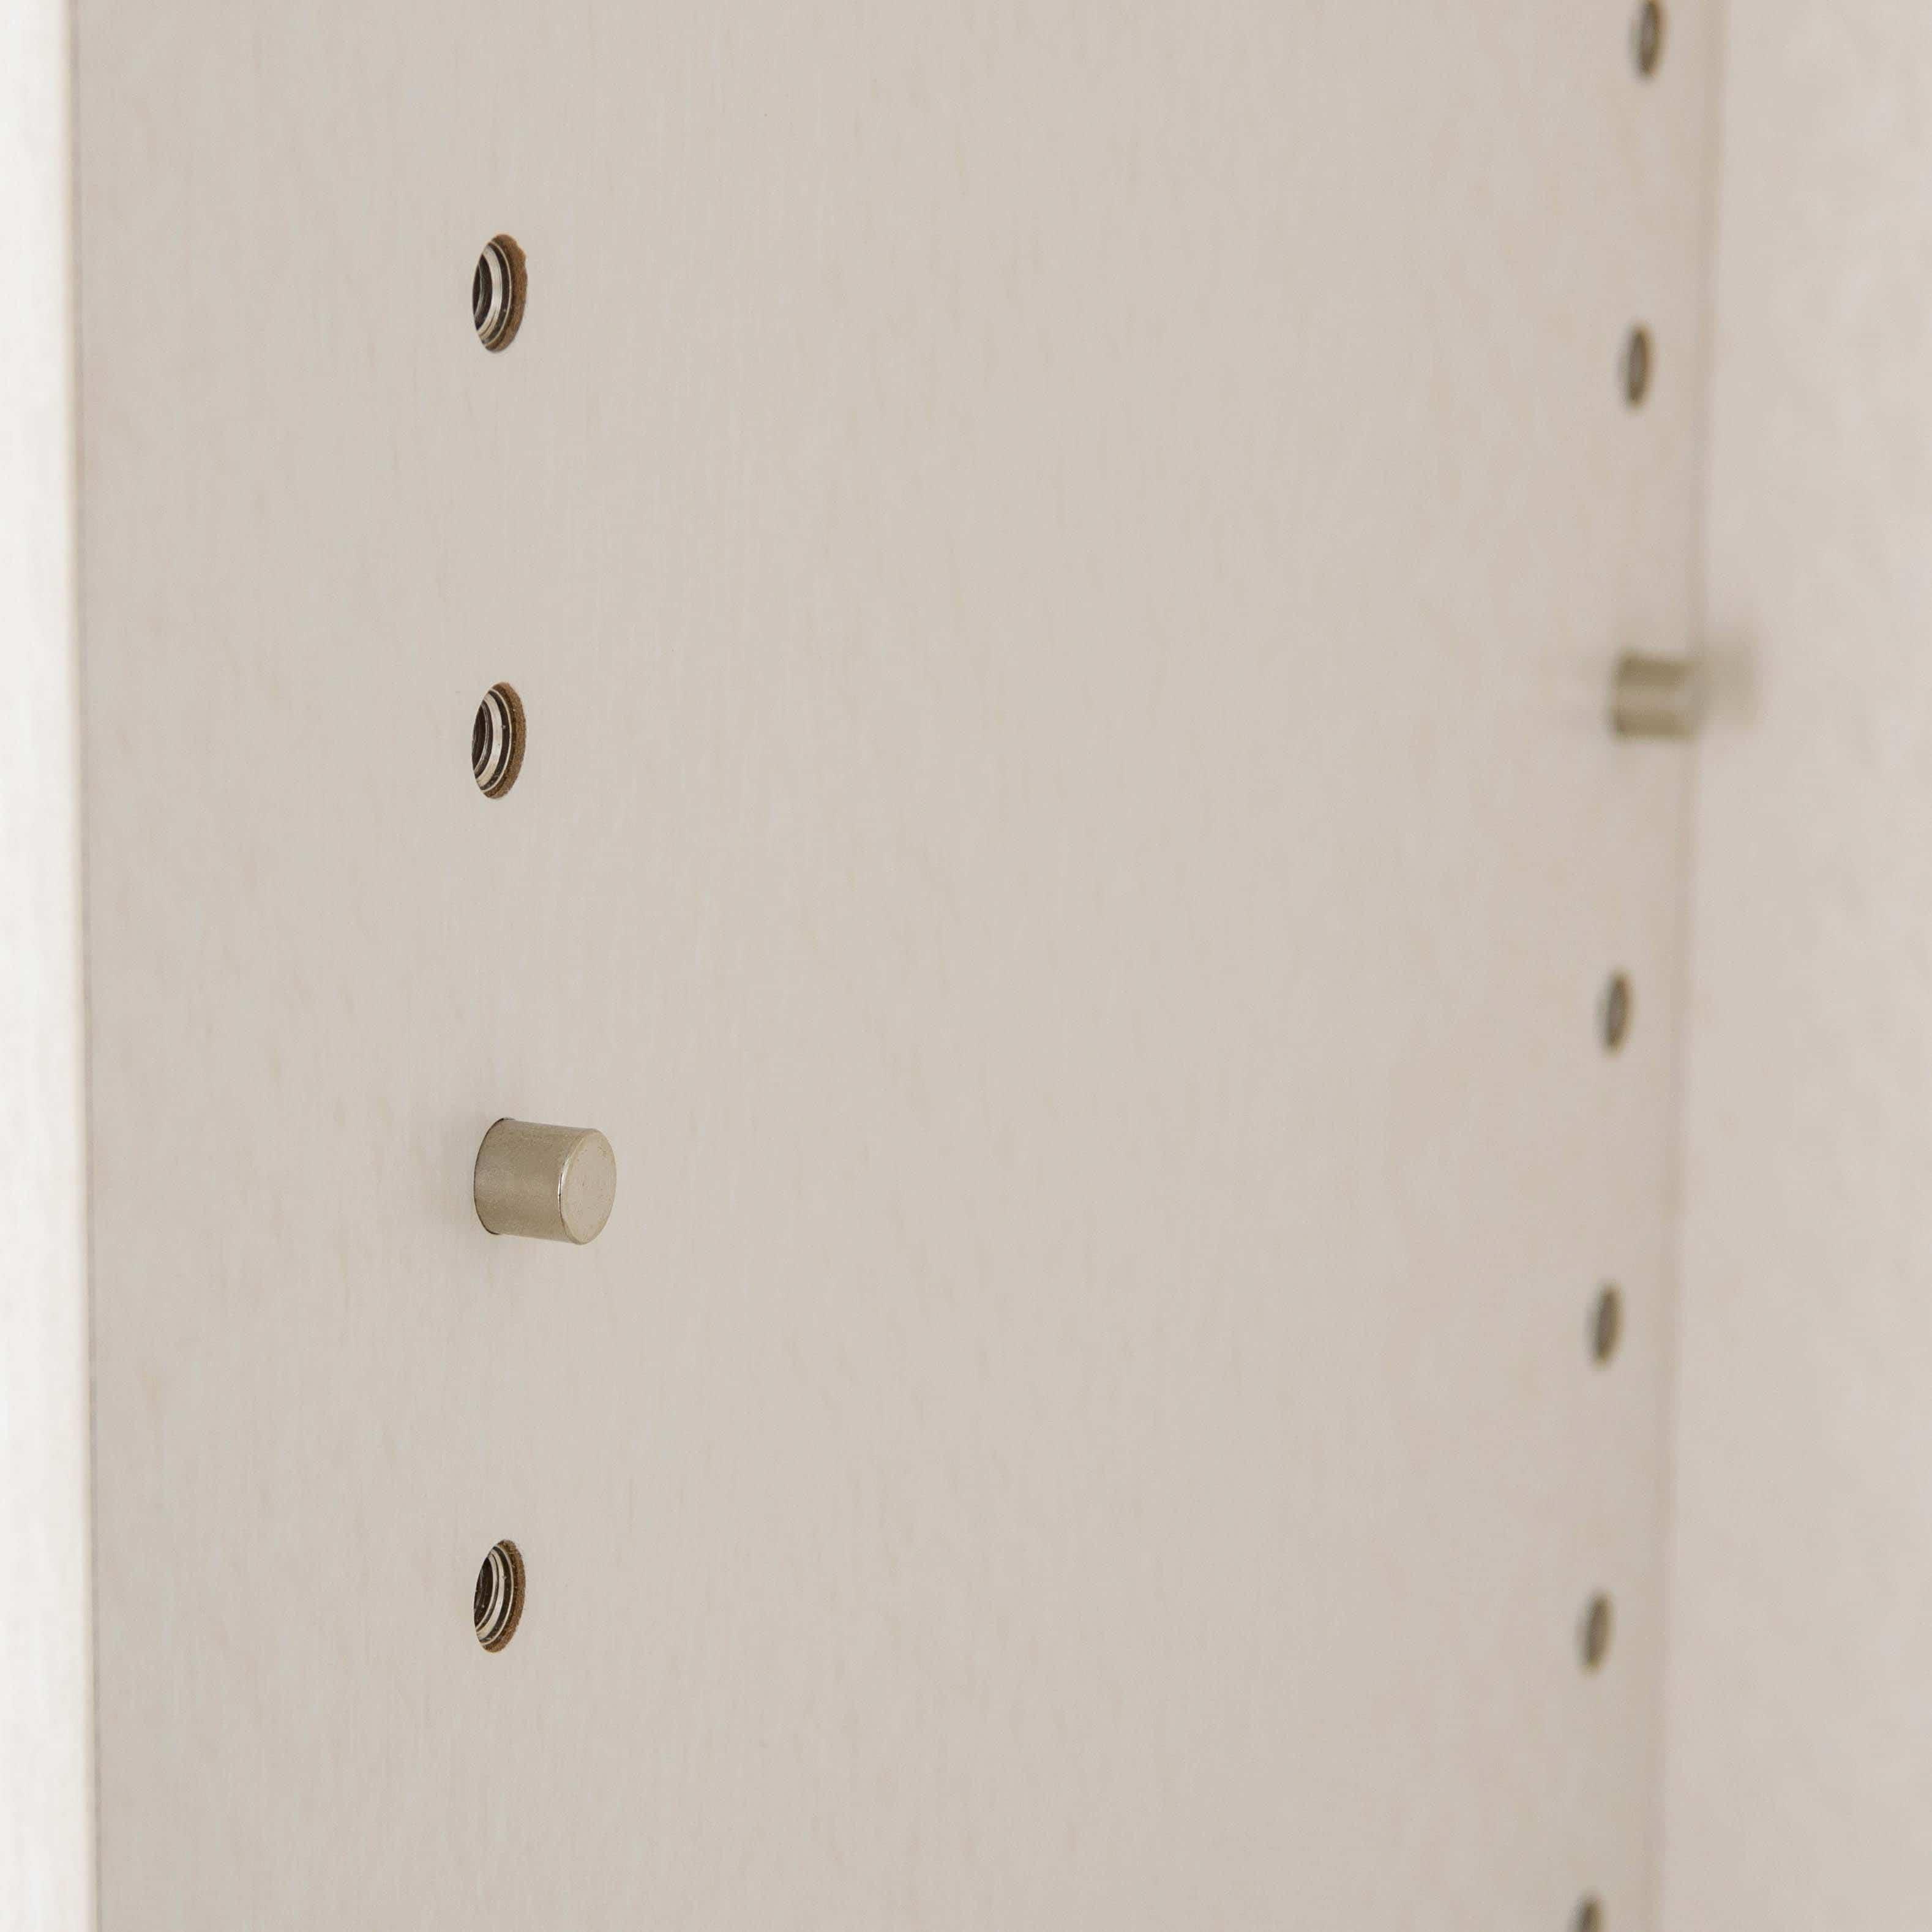 小島工芸 上置 アコード75A(チェリーナチュラル):キレイに収まる魅せる収納